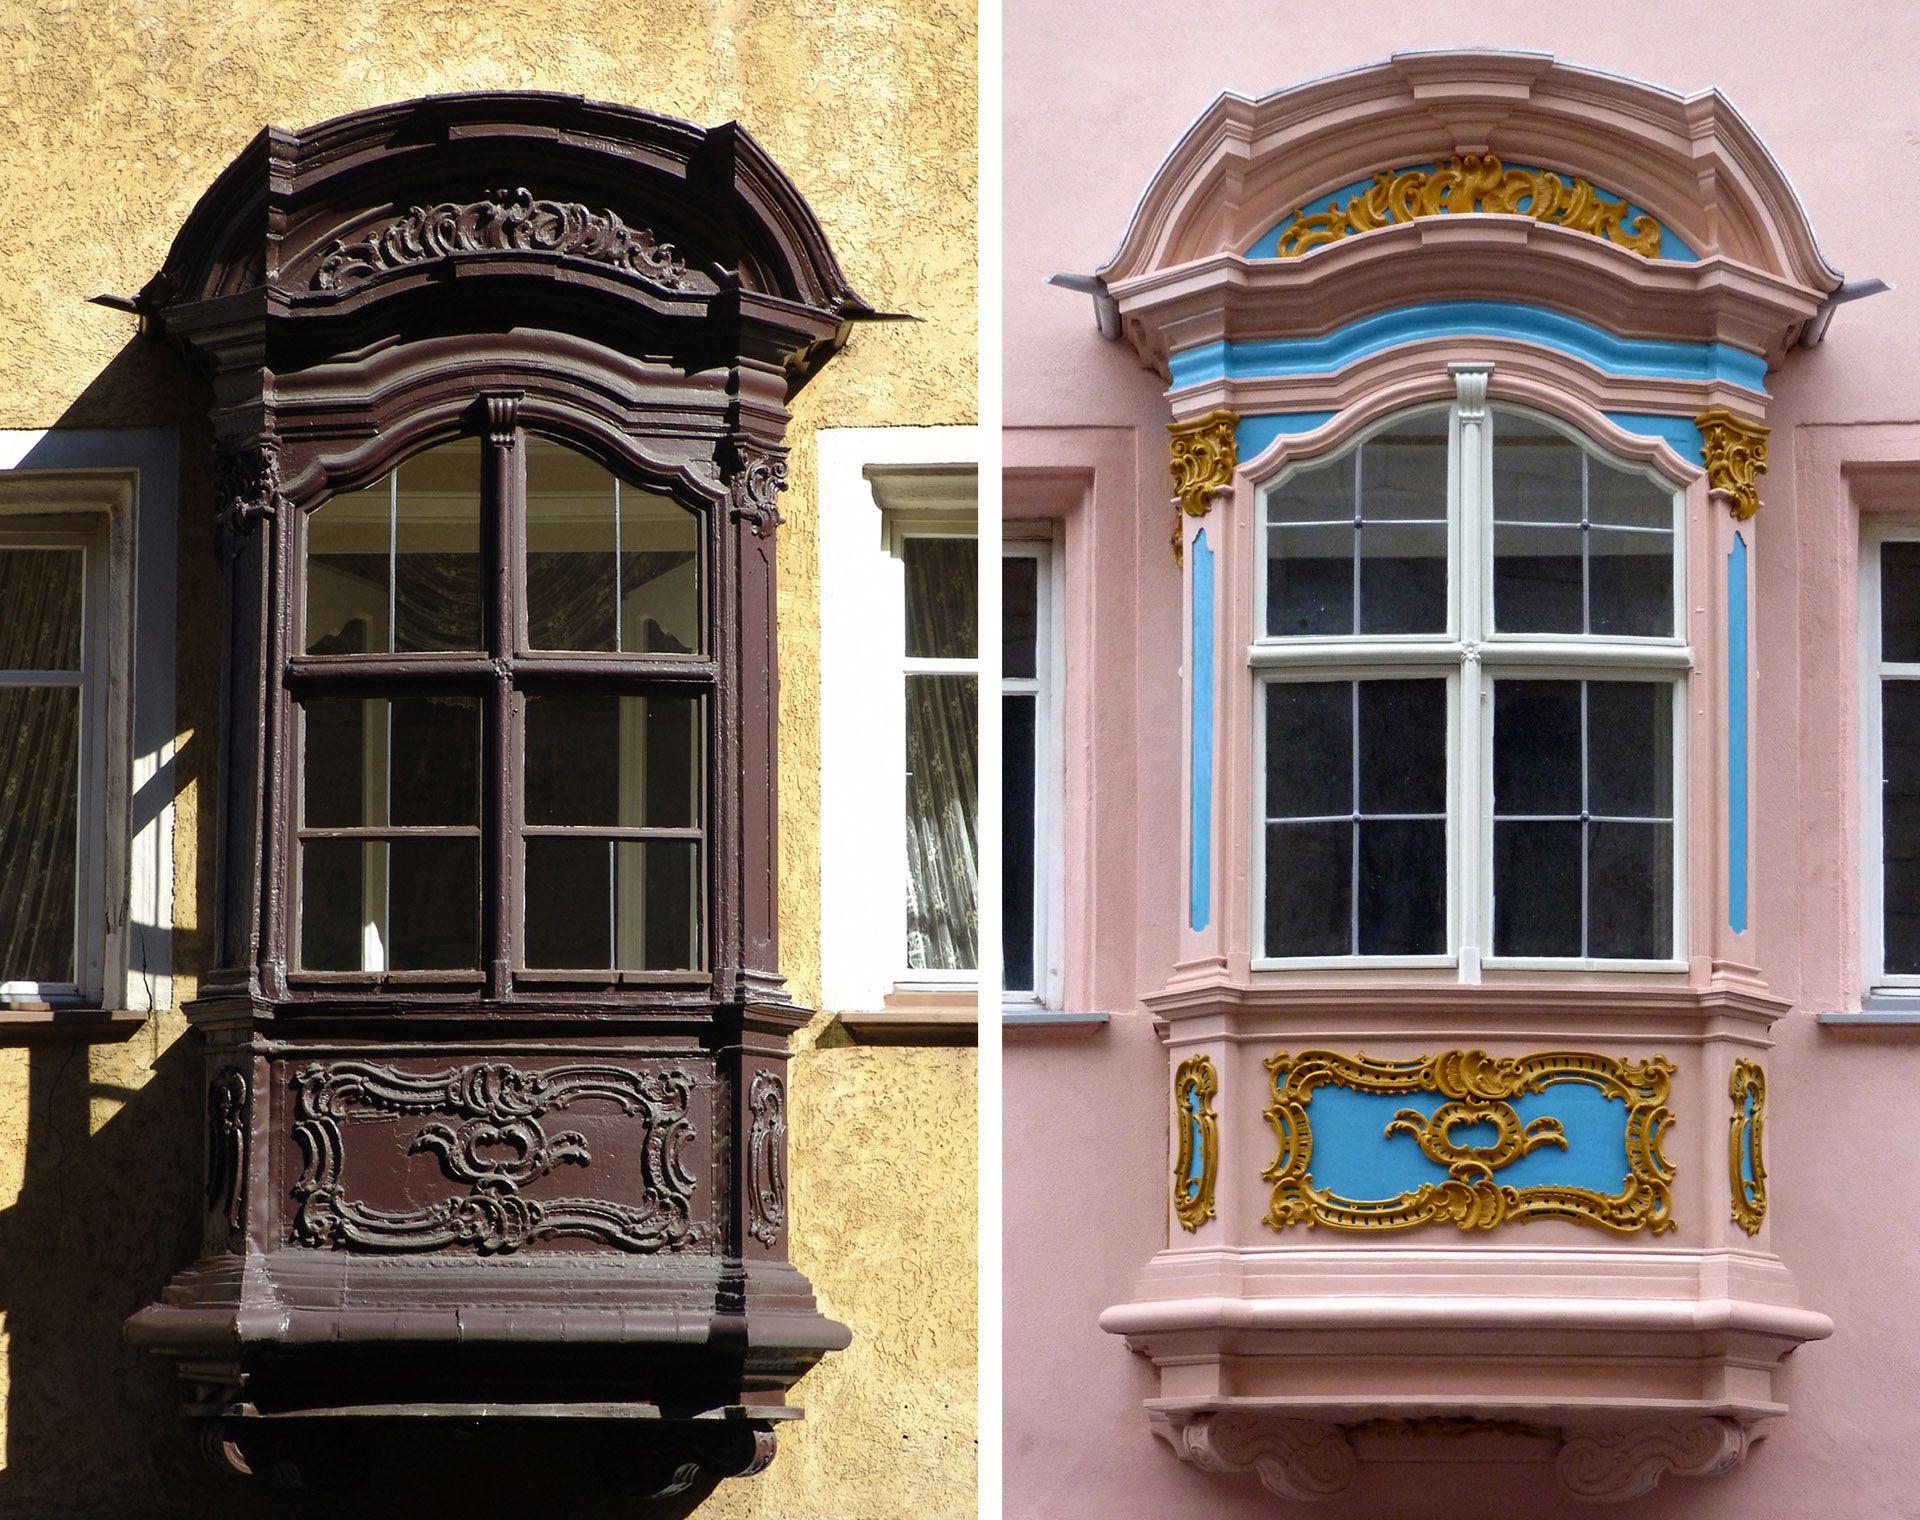 Adlerstraße 16, oriel window Oriel window before and after restoration